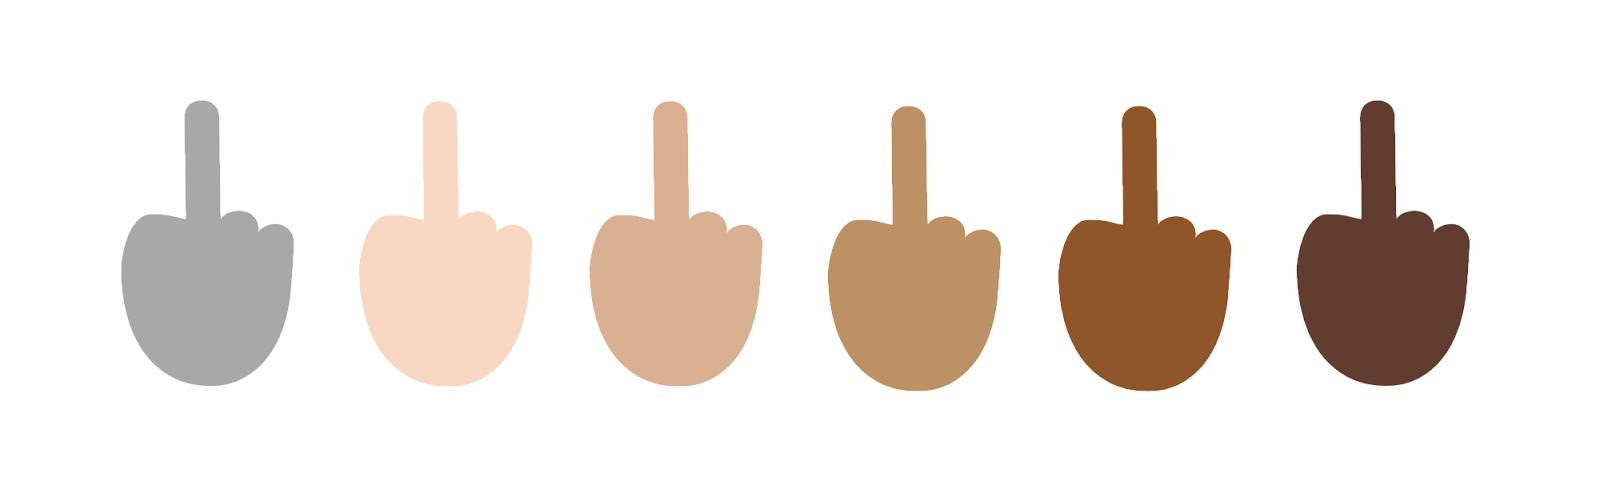 L'emoji doigt d'honneur de Microsoft sera disponible à l'été 2015